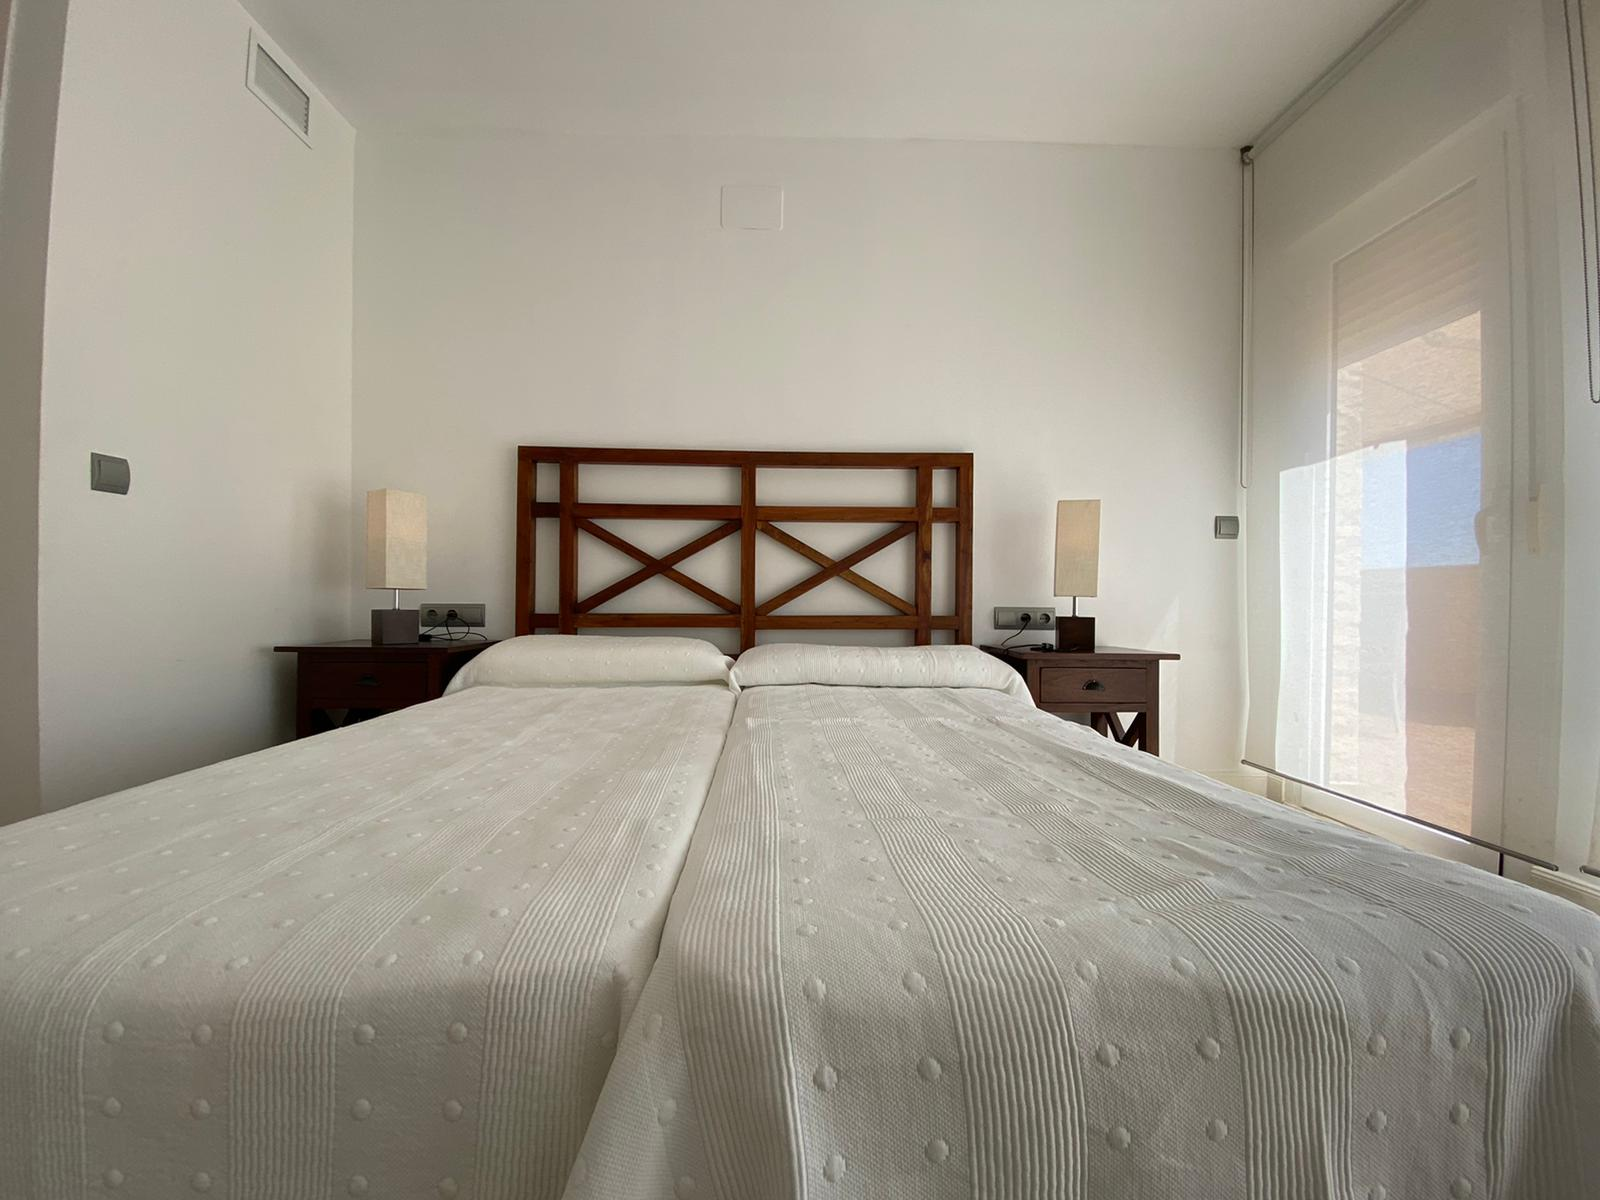 Imagen 21 del Apartamento Turístico, Ático 6 Poniente (3d+2b), Punta del Moral (HUELVA), Paseo de la Cruz nº22